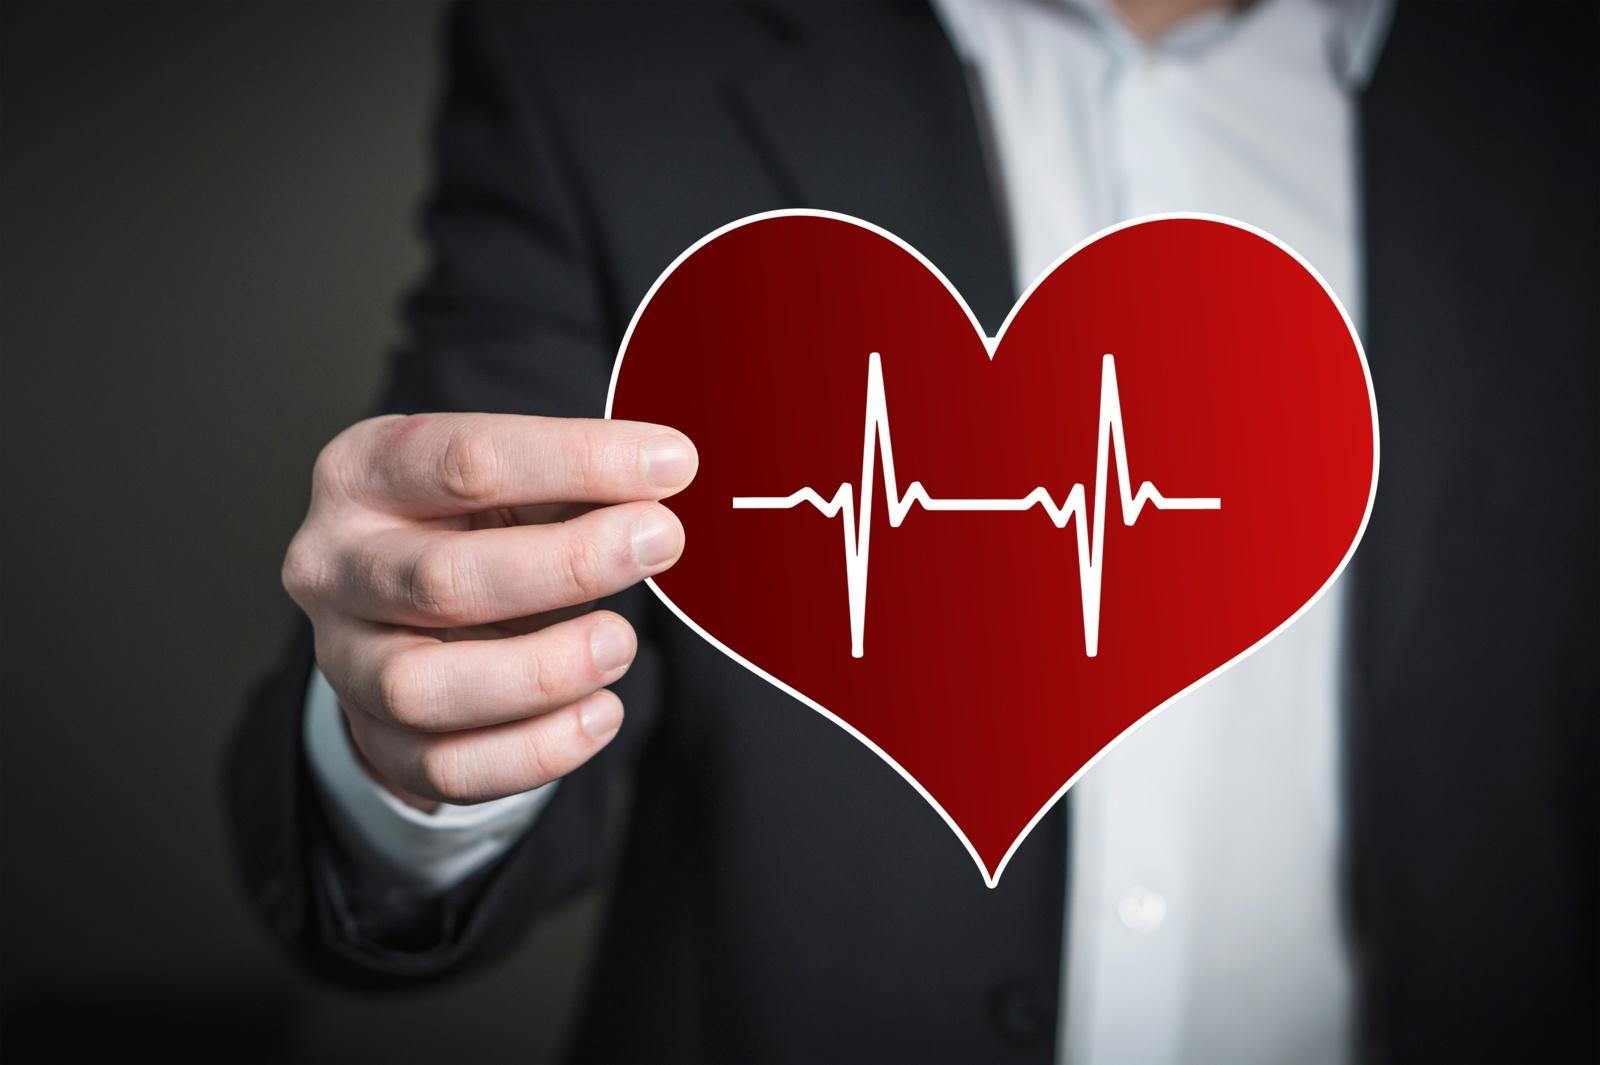 Hipertenzinės krizės ir būklės diagnostika bei gydymas